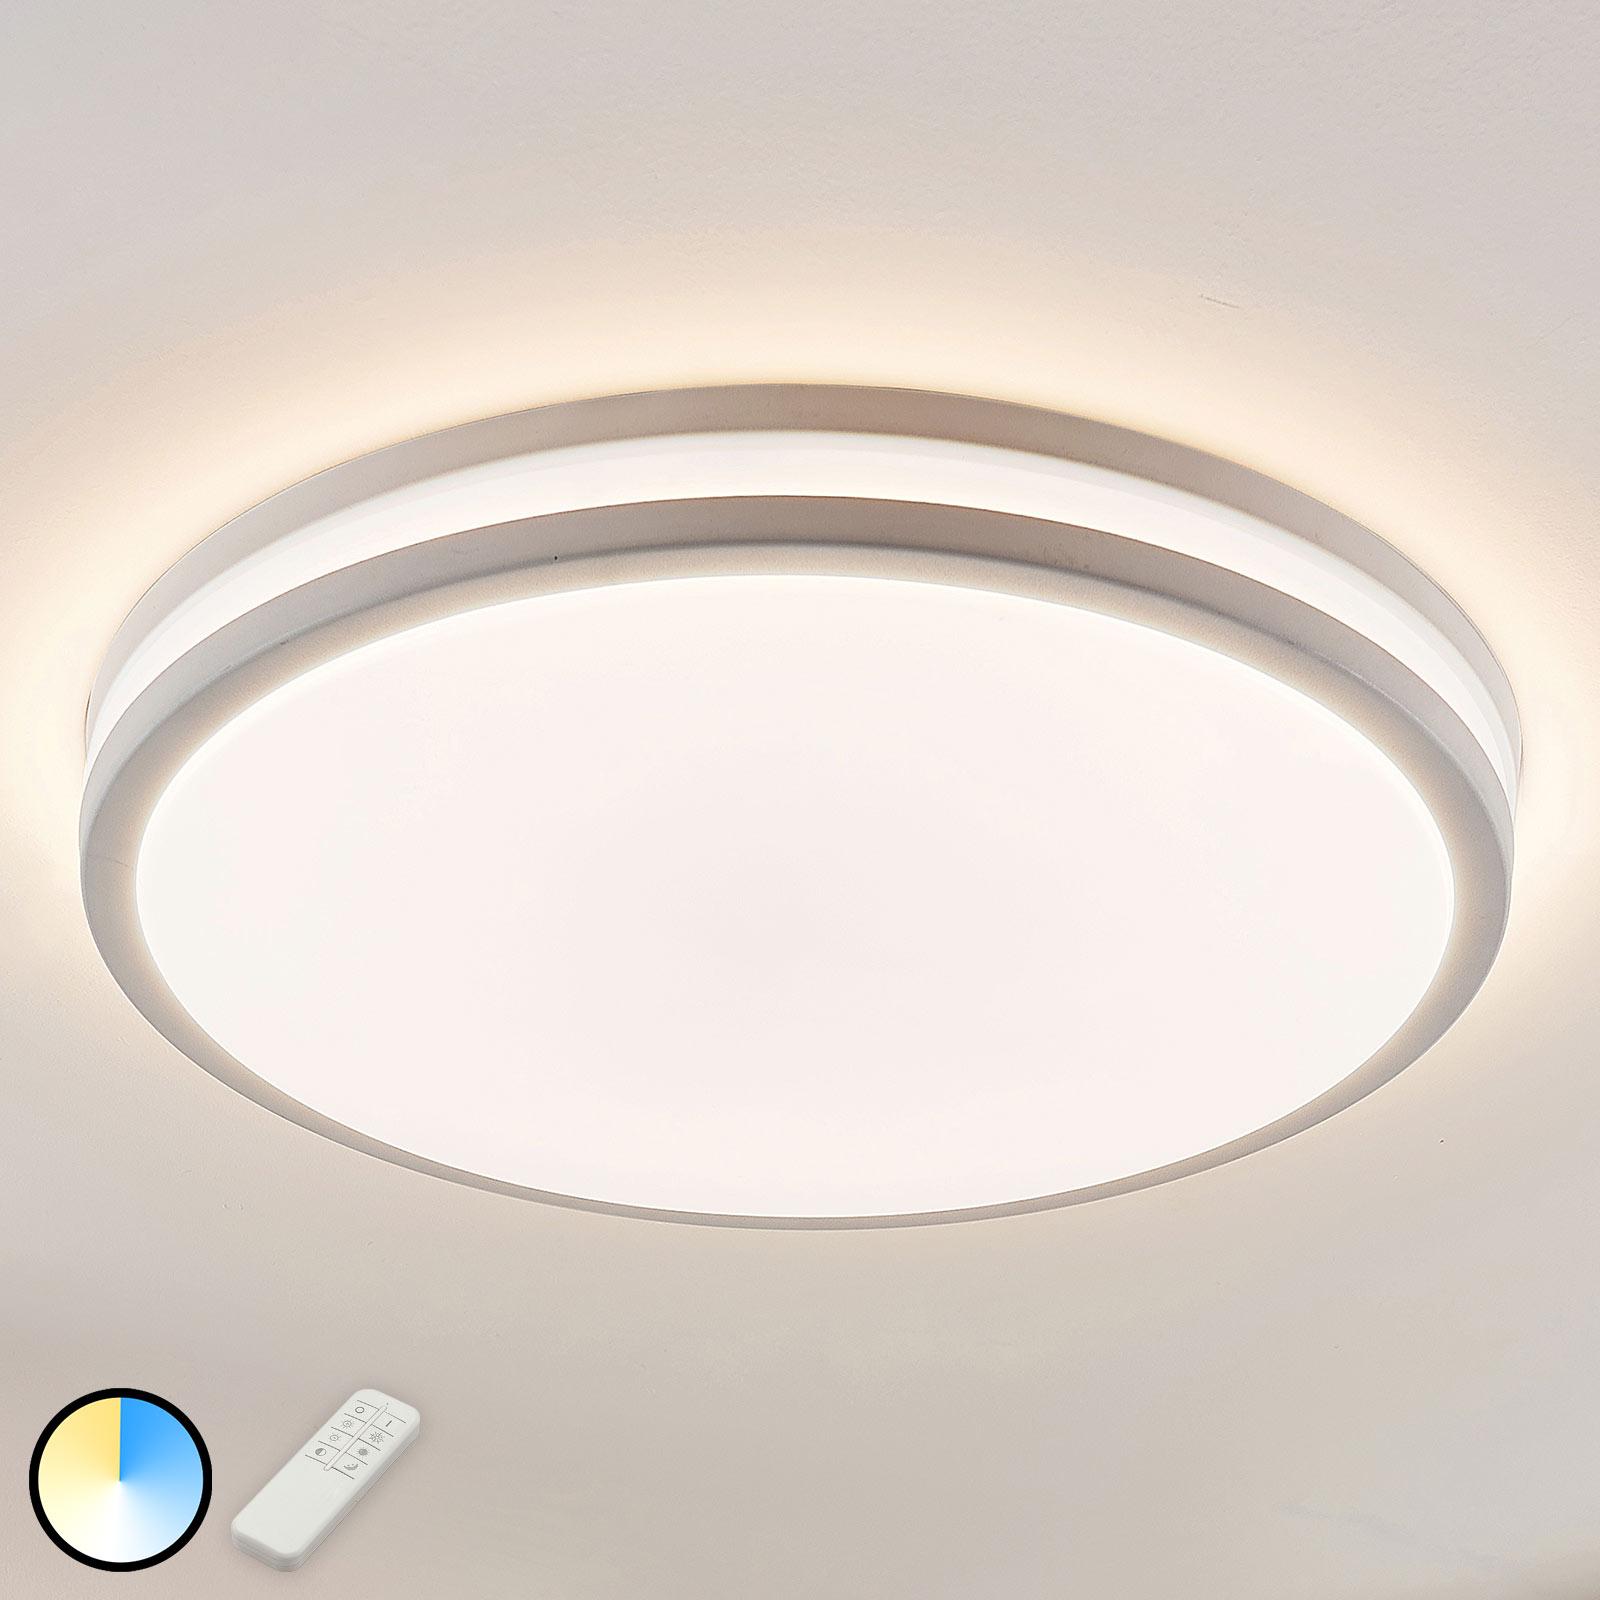 LED-Deckenlampe Arnim in Weiß, runde Form, IP44